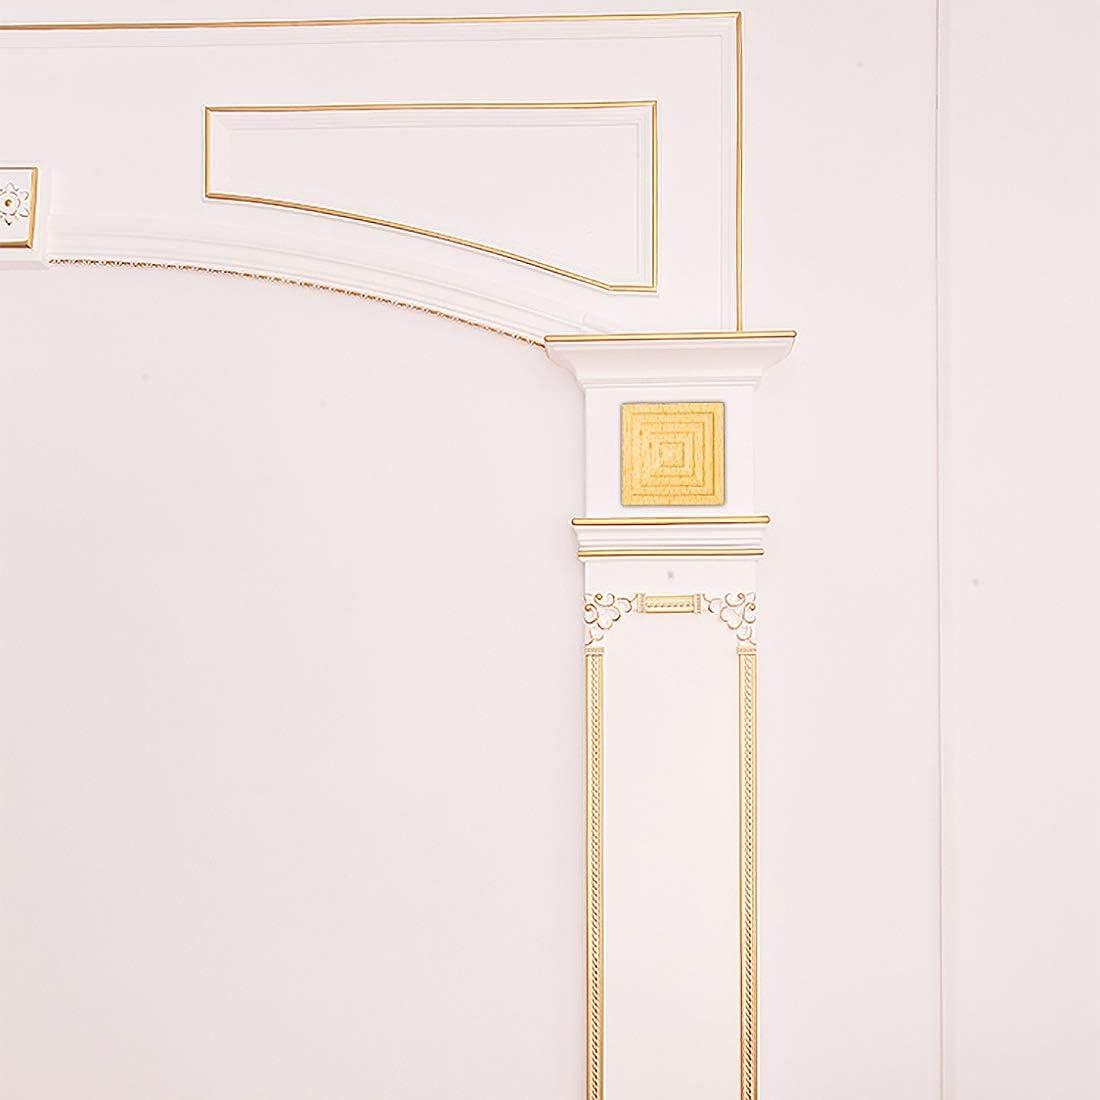 Bverionant 4 Piezas Maderas Talladas Cuadradas para Mueble sin Pintar Armario Puerta Pared Esquina Onlay Aplique Decoraci/ón de Estilo Europeo #1